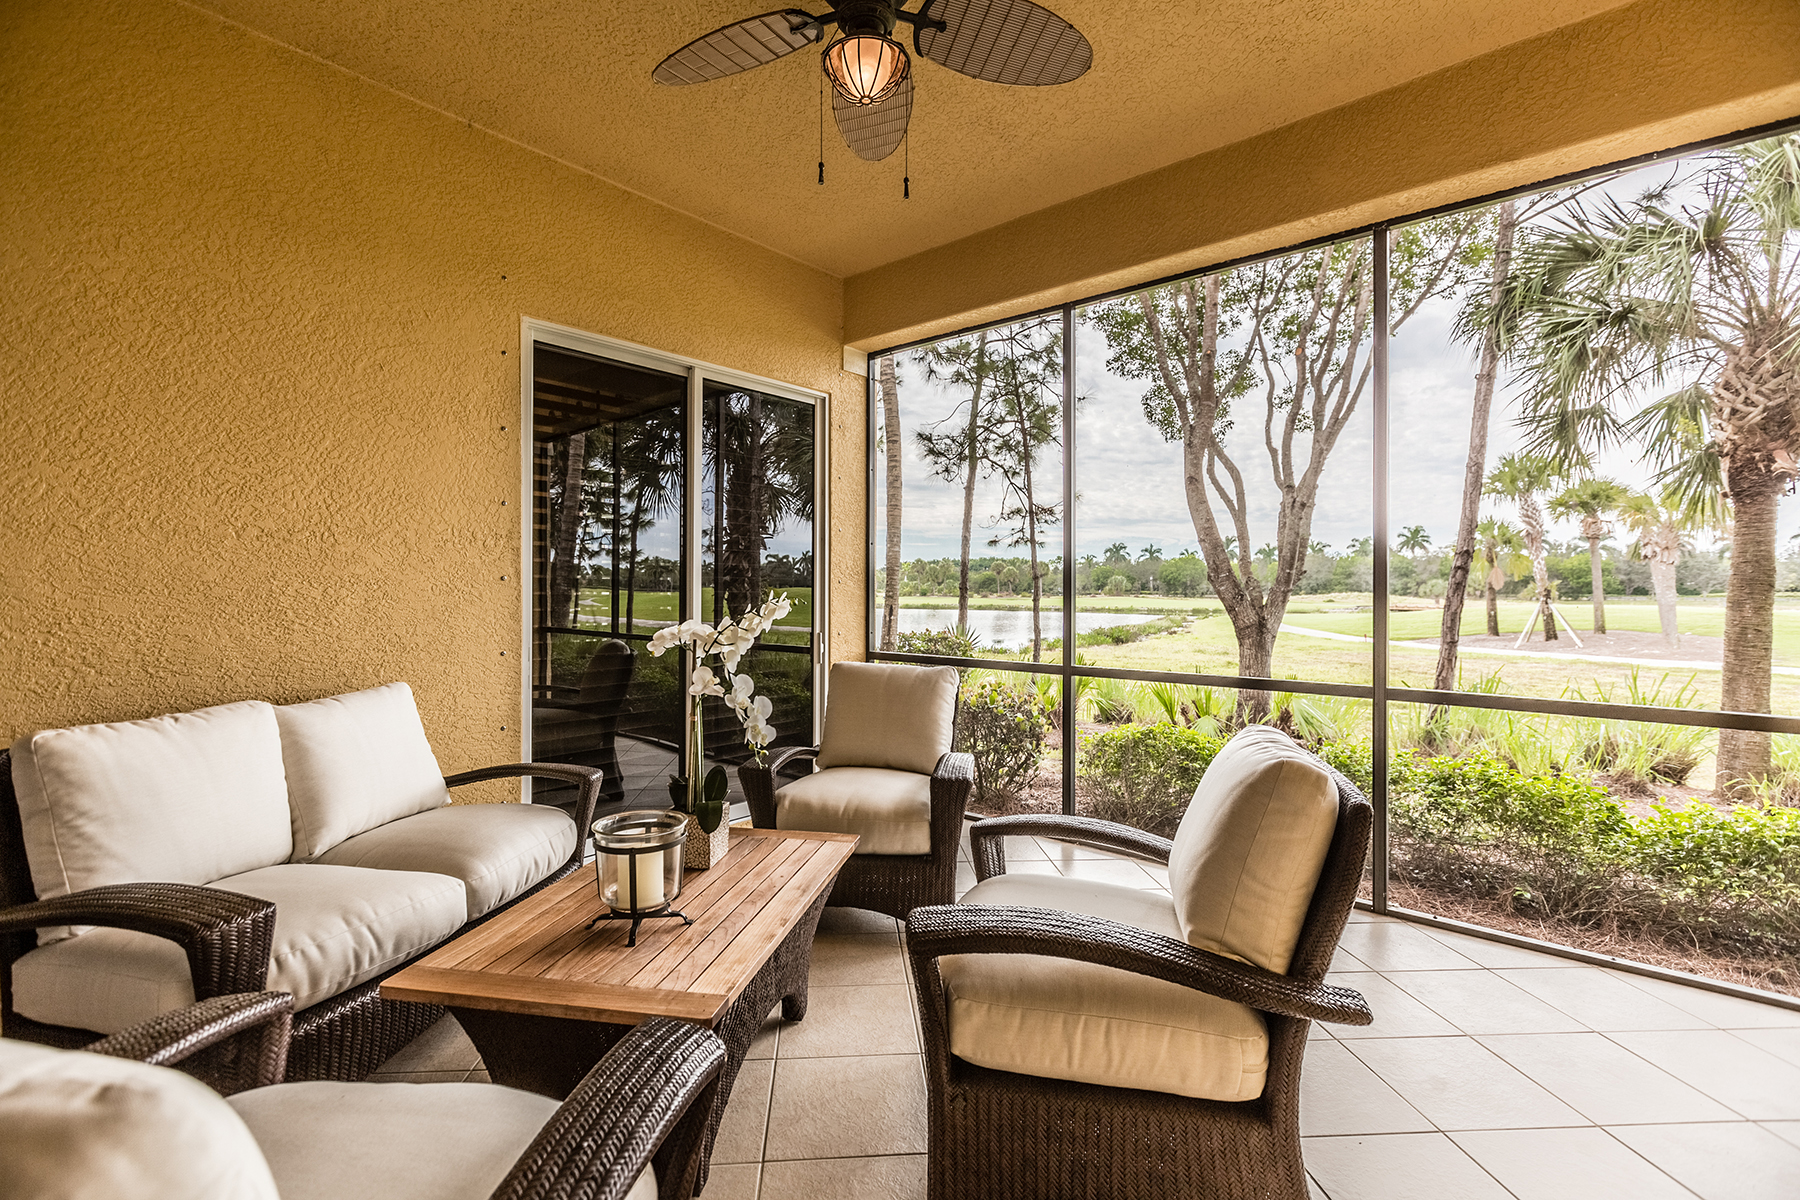 Кондоминиум для того Продажа на FIDDLER'S CREEK - CASCADA 9058 Cascada Way 102 Naples, Флорида, 34114 Соединенные Штаты